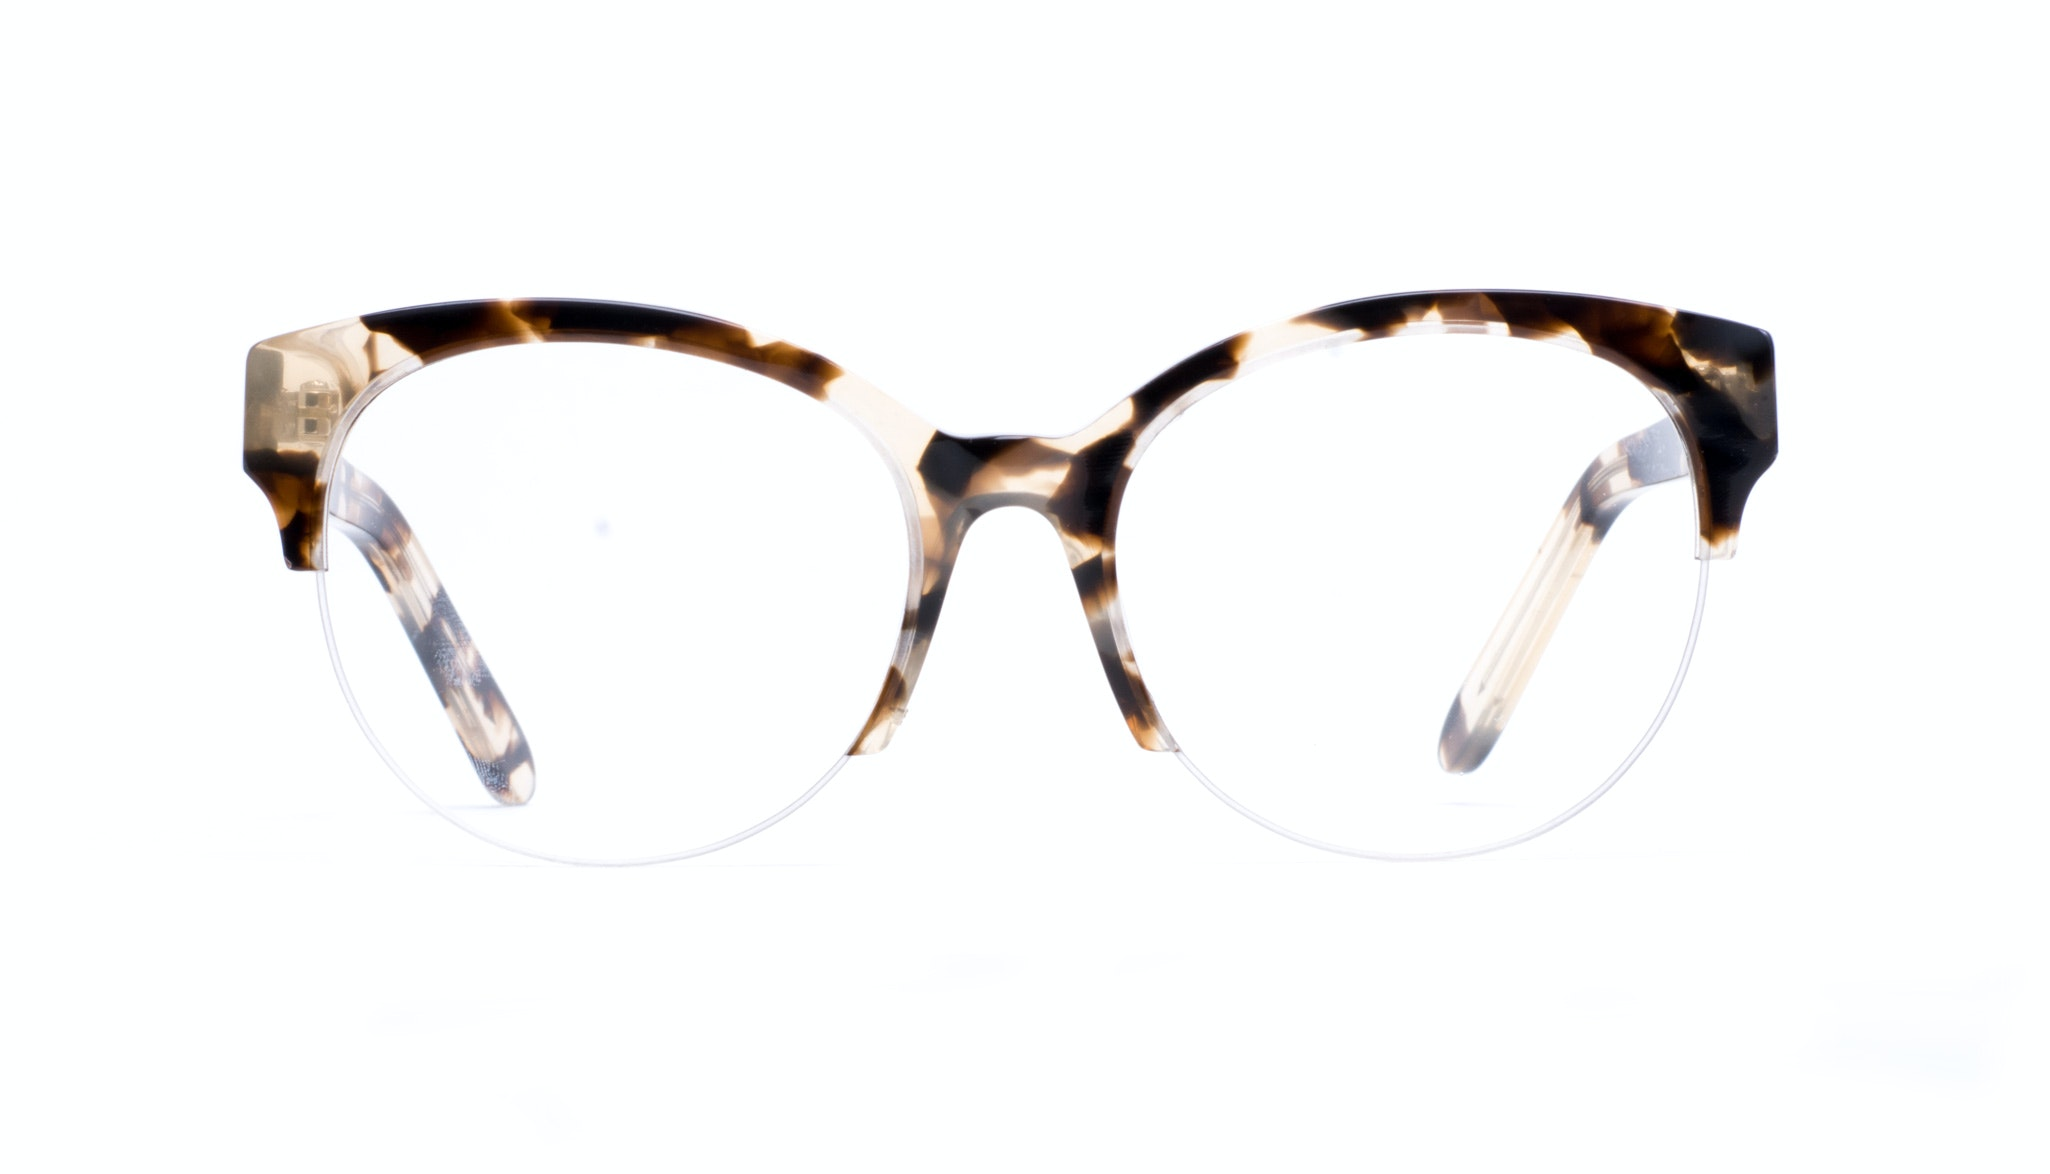 Lunettes tendance Oeil de chat Ronde Demi-Montures Optiques Femmes Eclipse Light Mocha Tortoise II